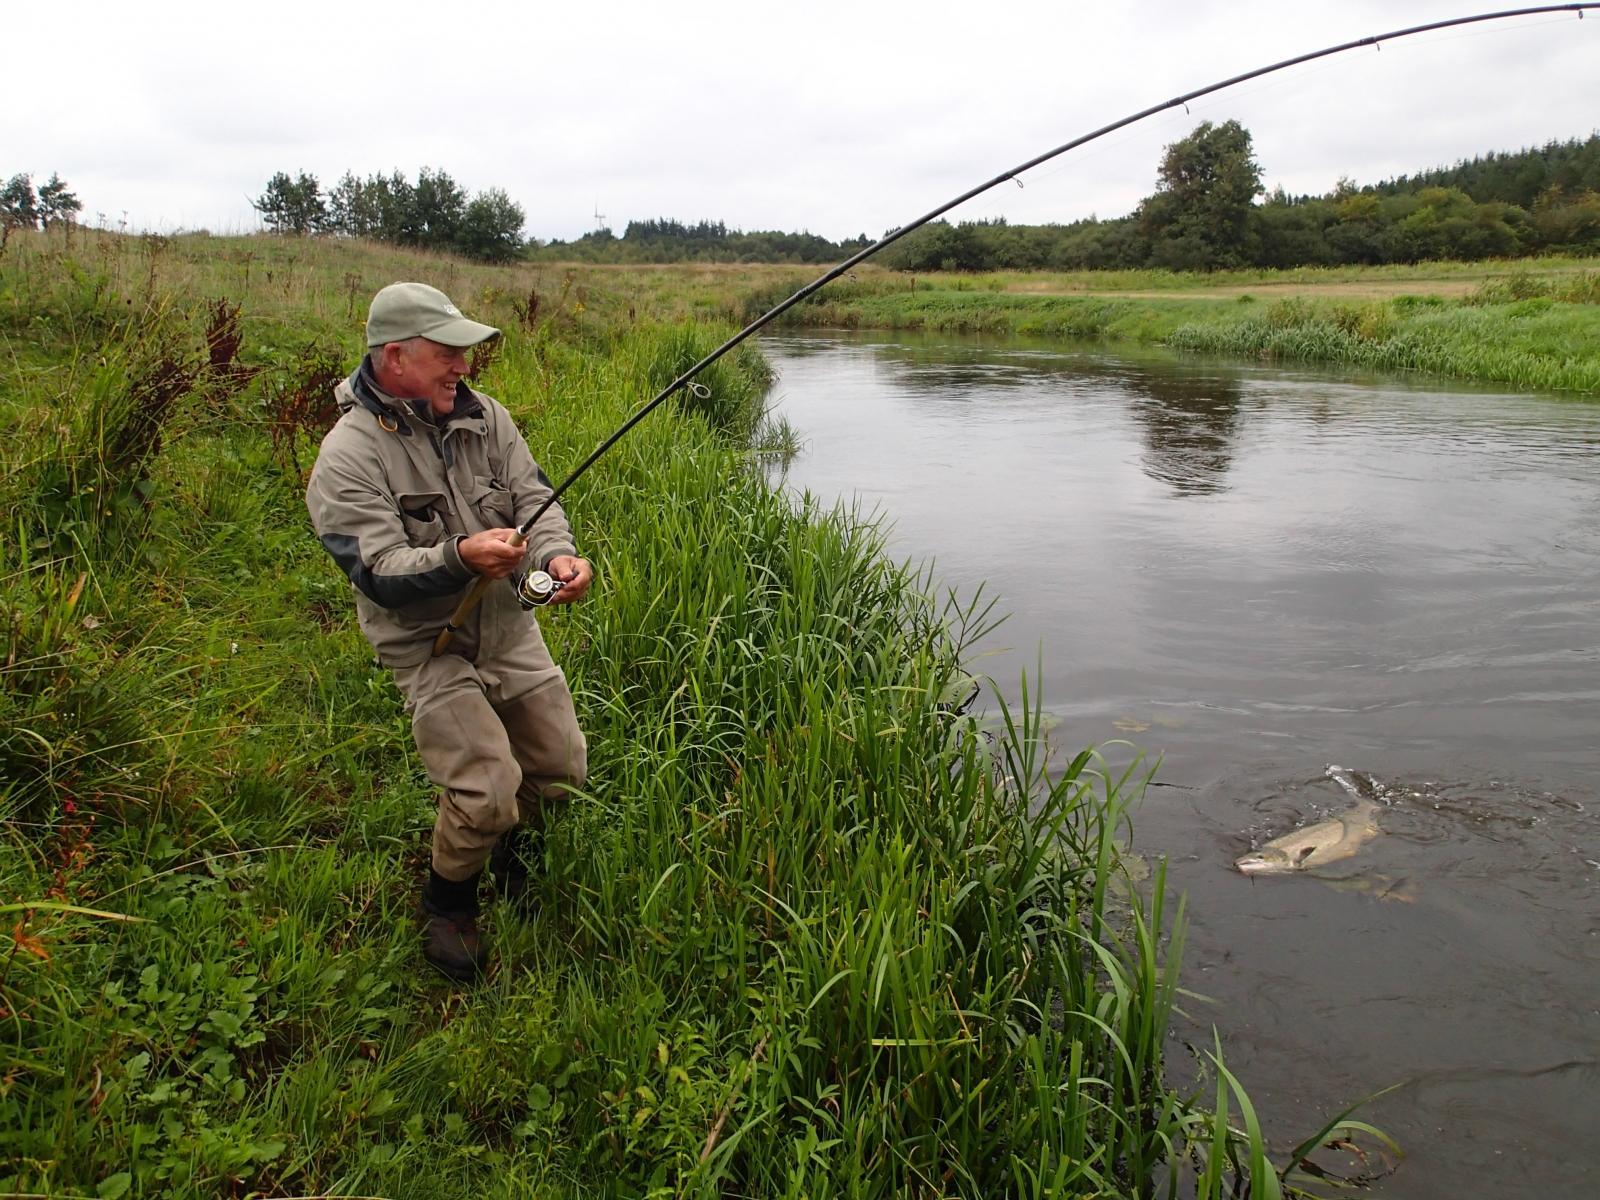 Laks på 91 cm og 7.50 kg fra Stor åen, Vestjylland -  fanget på Spinner # 7312